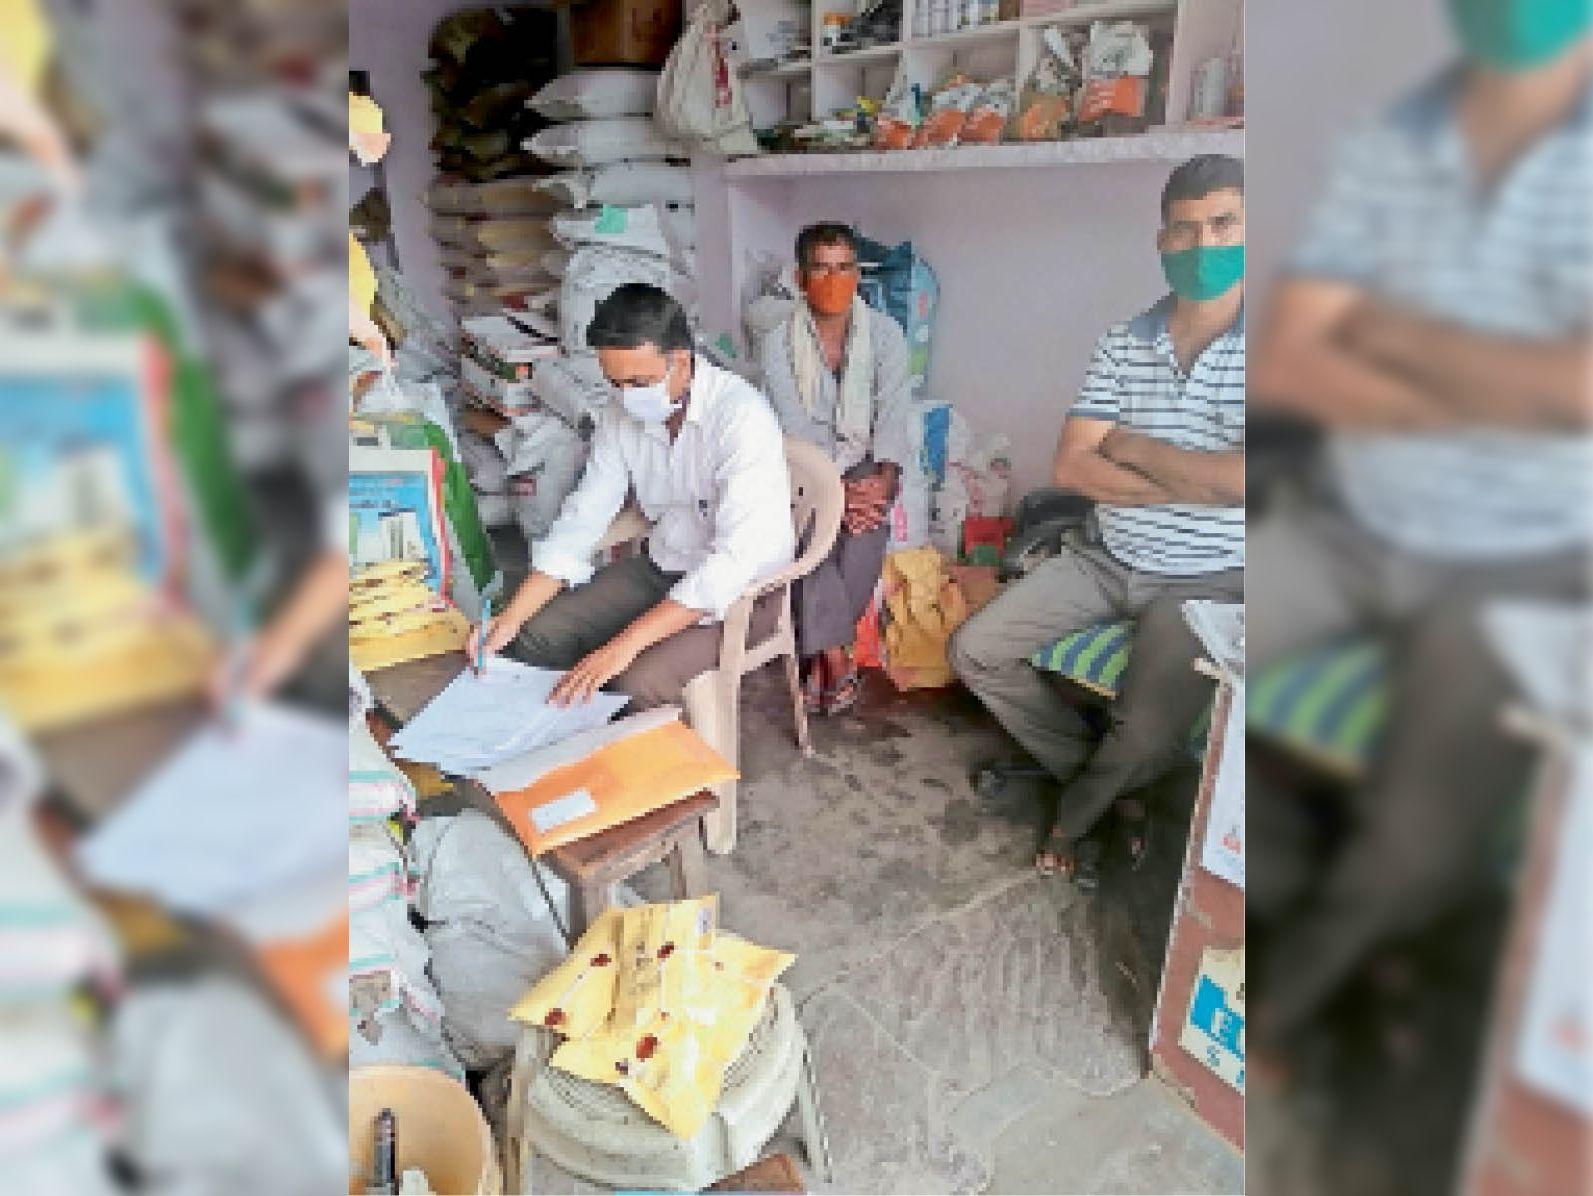 खाद-बीज की दुकानों का निरीक्षण करती जयपुर से आई टीम। - Dainik Bhaskar